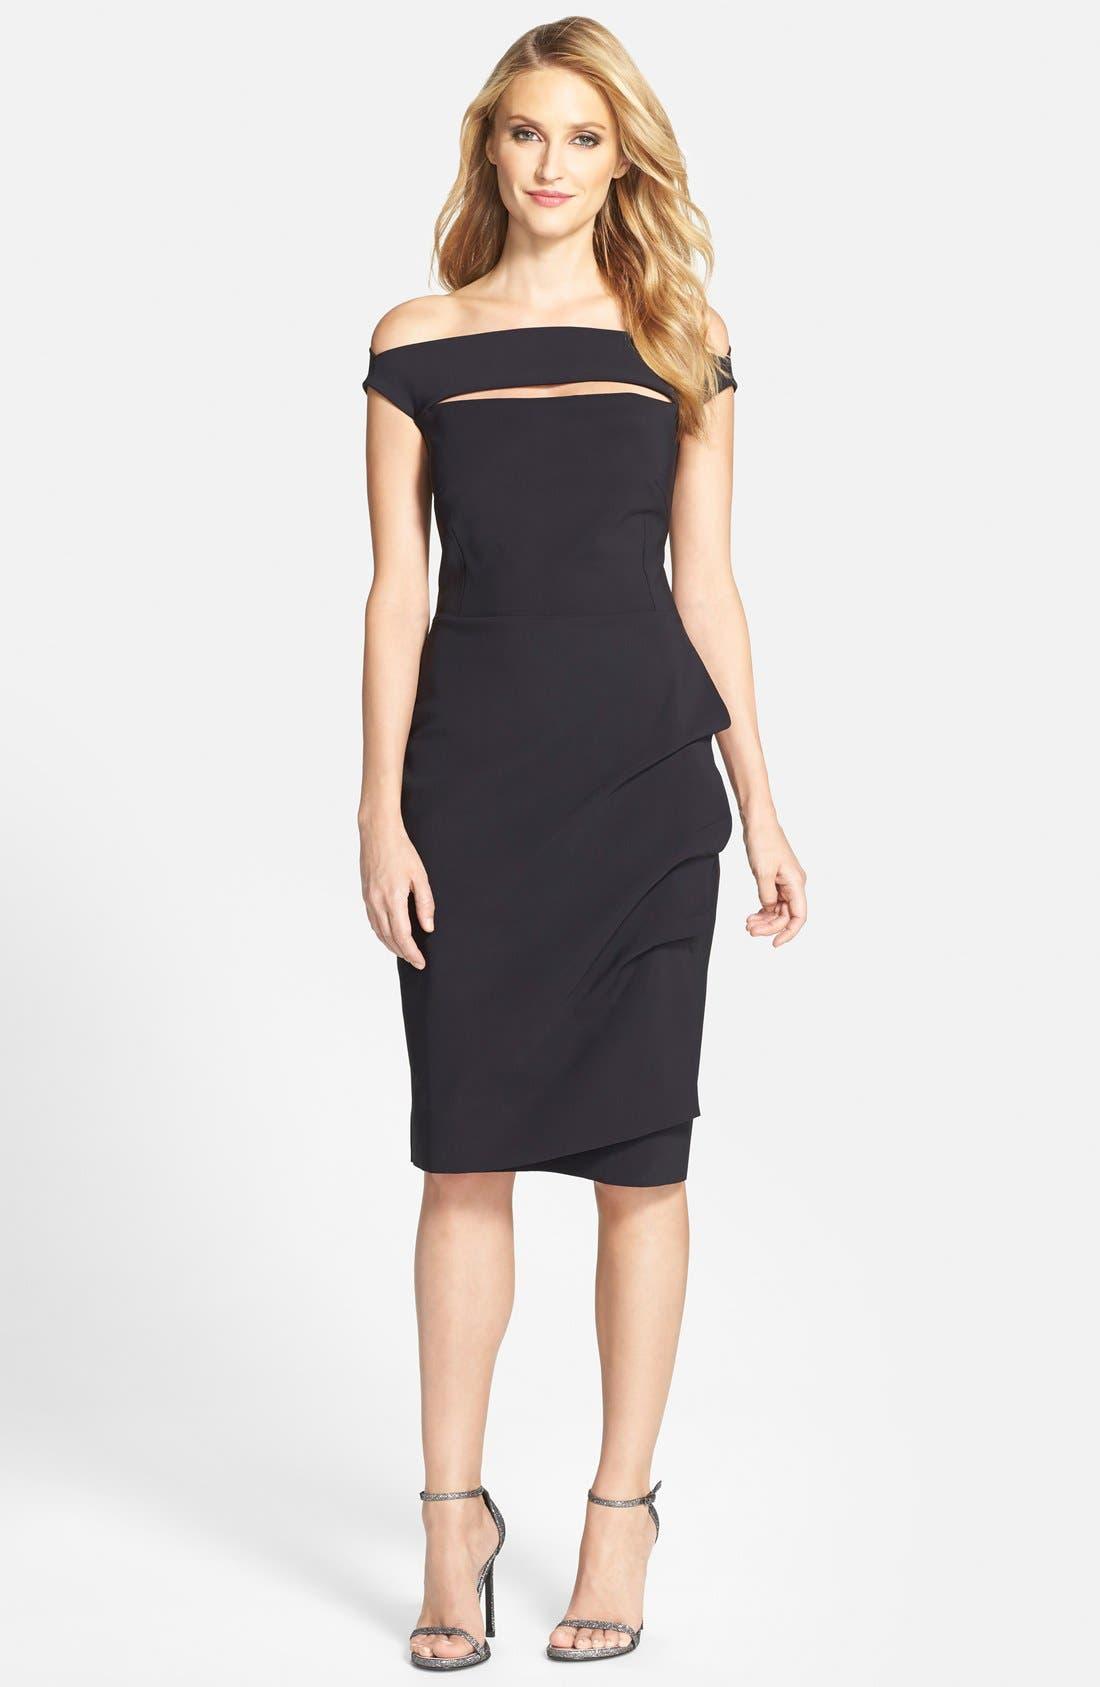 Chiara Boni La Petite Robe 'Melania' Jersey Dress